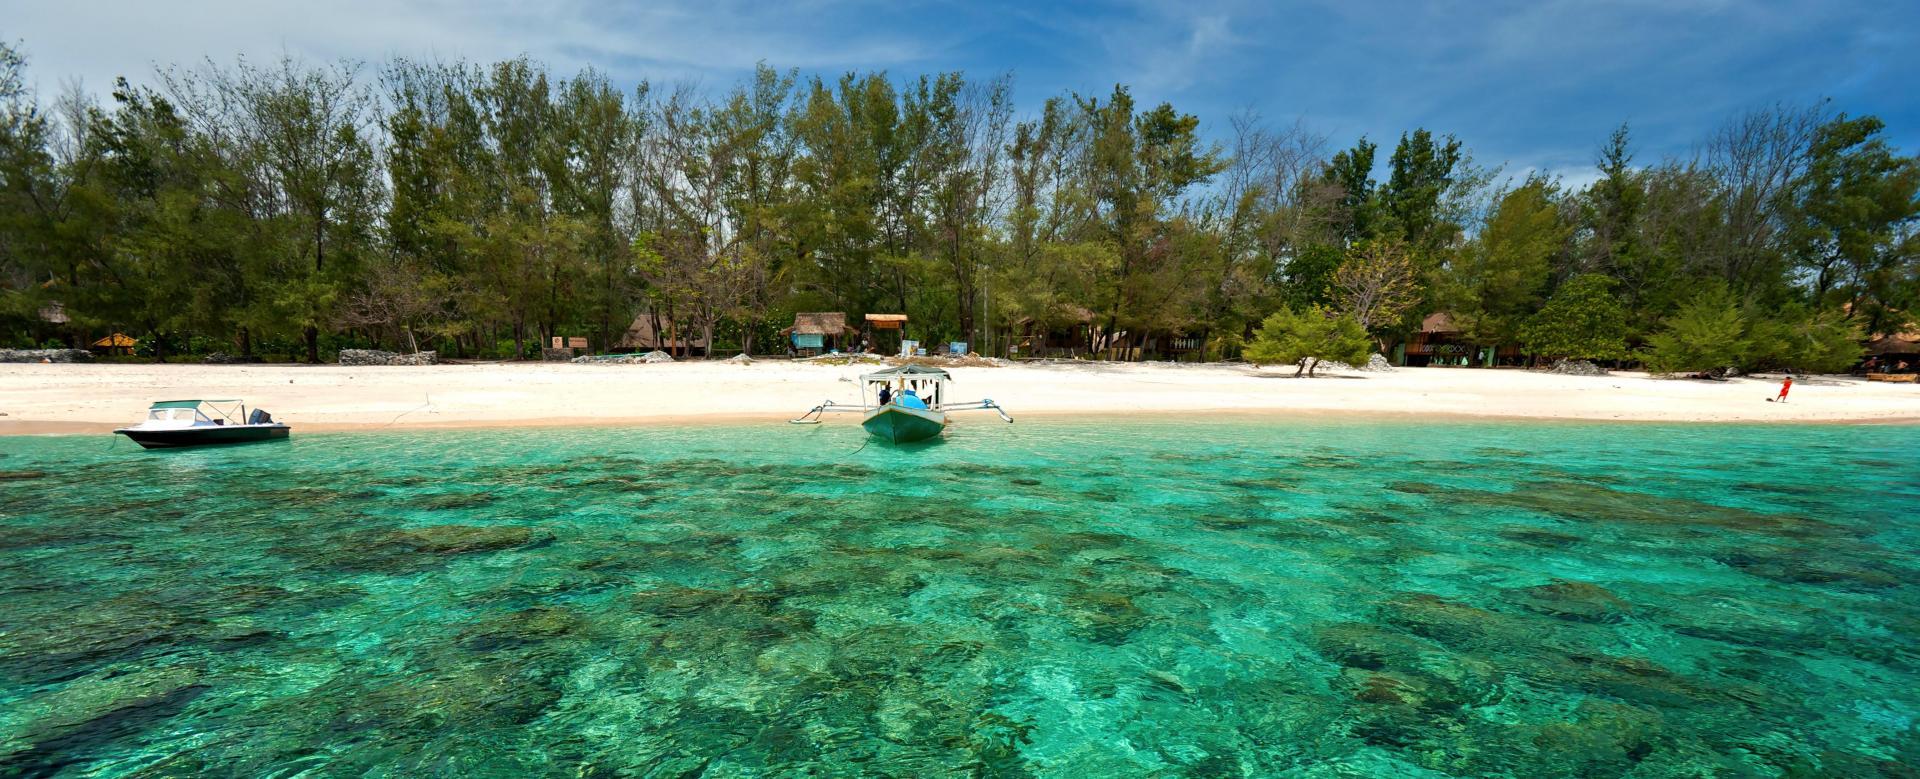 Voyage à pied Indonésie : Bali-gili des petits